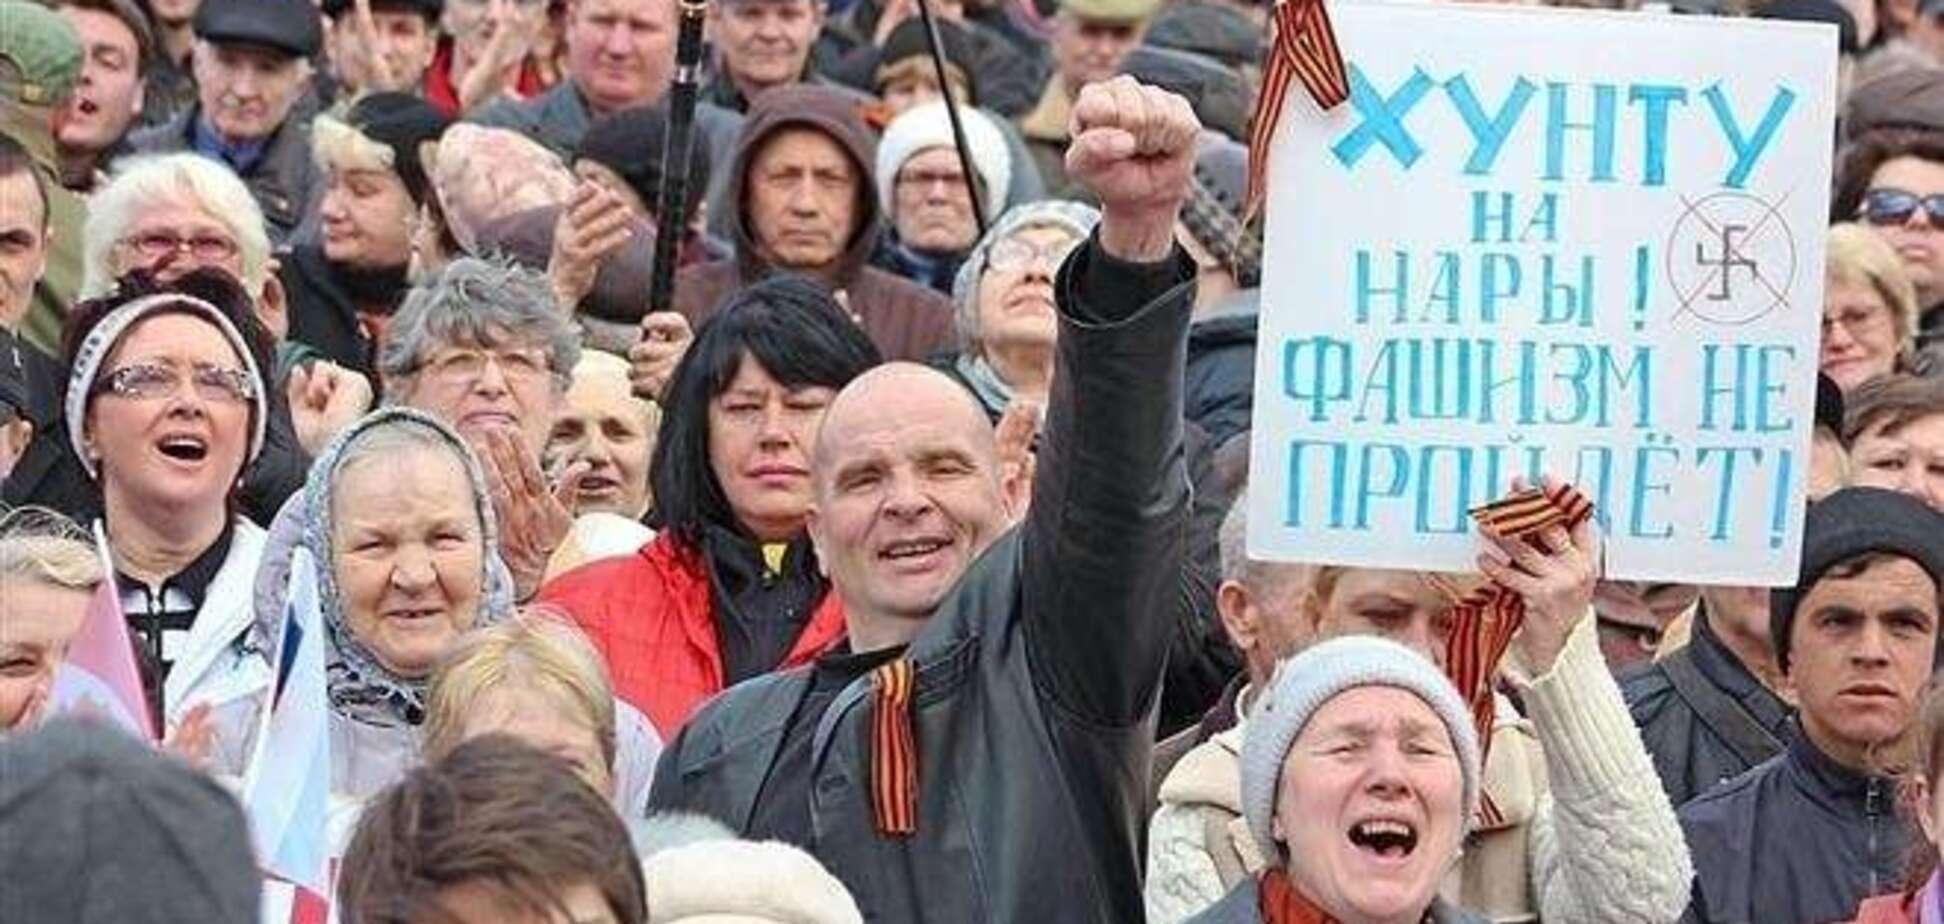 В Одессе сепаратисты в пятницу намерены пикетировать облсовет